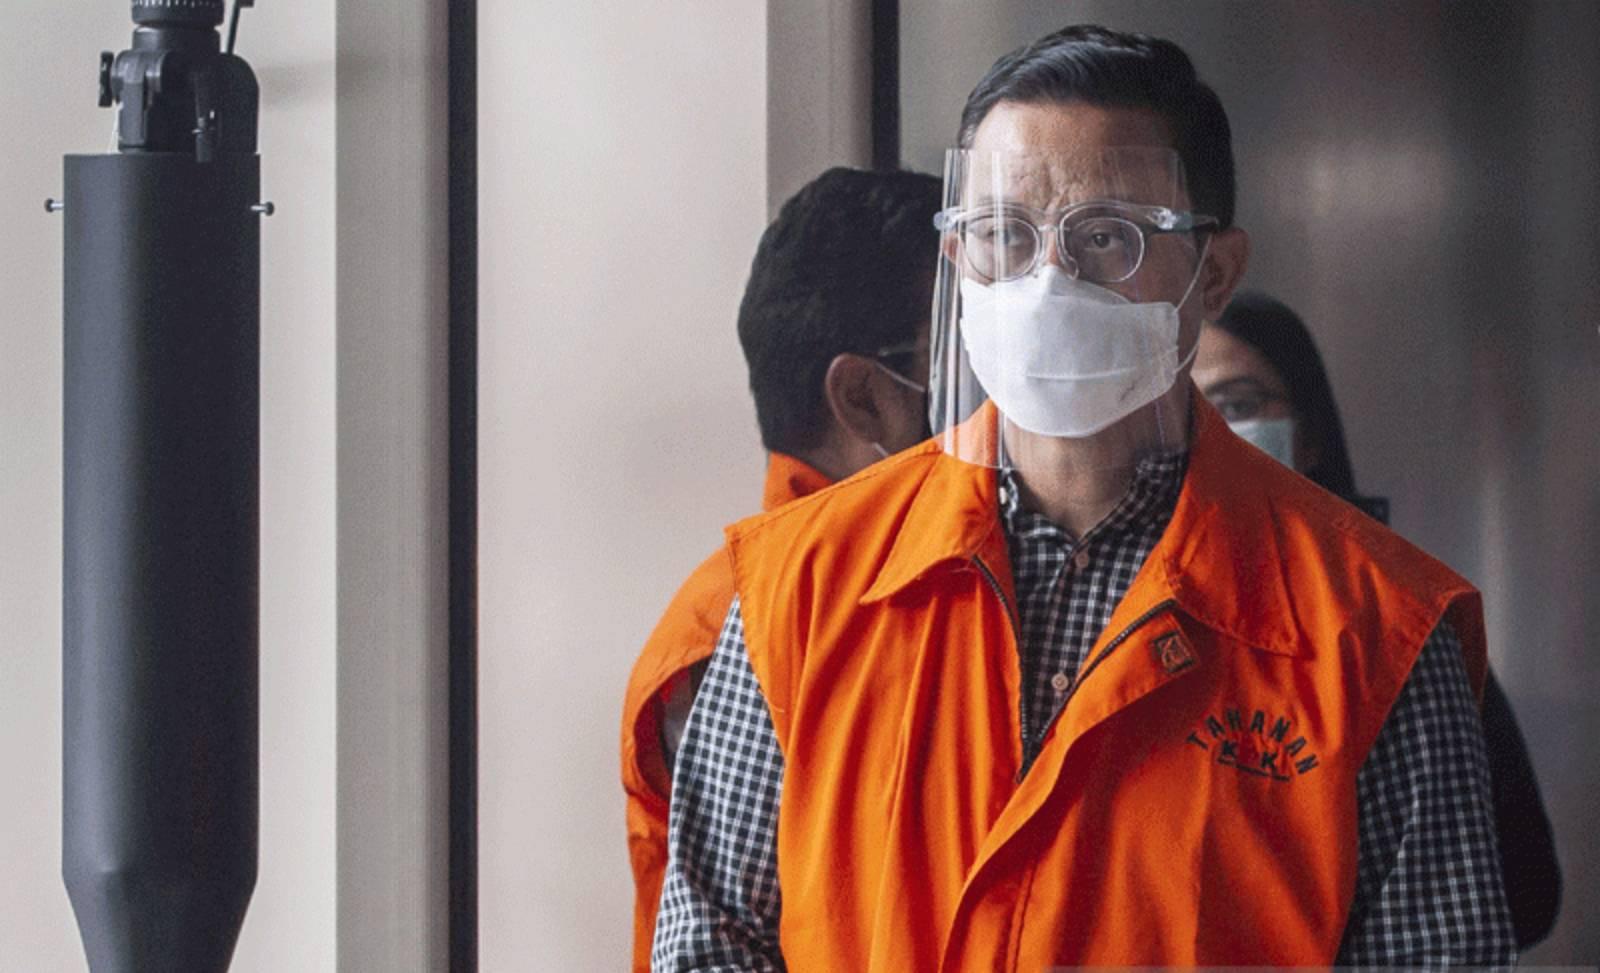 Mantan Jubir Gus Dur: Ini Korupsi Paling Brutal di Muka Bumi!